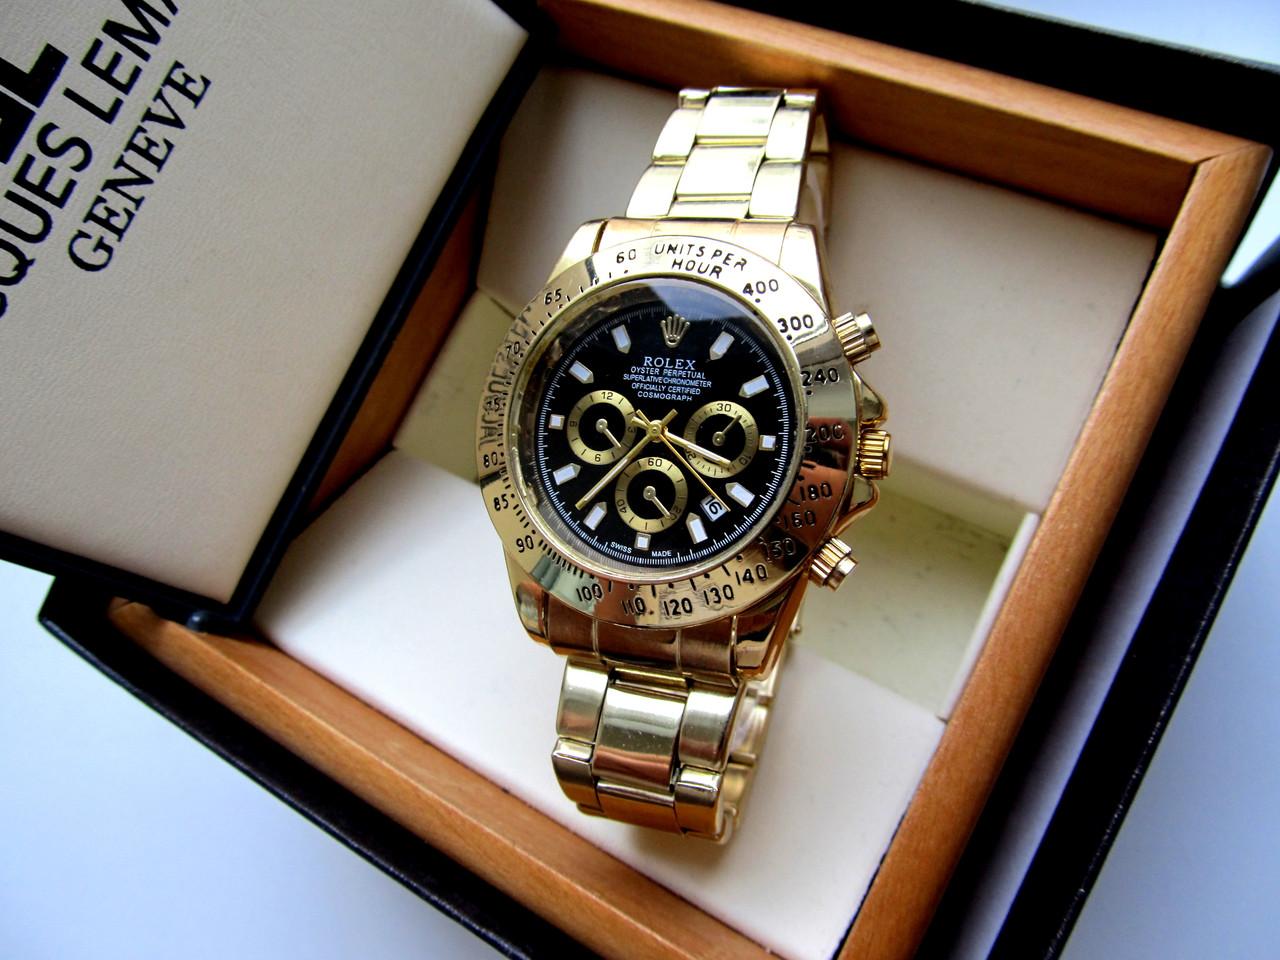 7a1f18fabca7 Мужские наручные часы Rolex Daytona черное золото, часы физрука ...